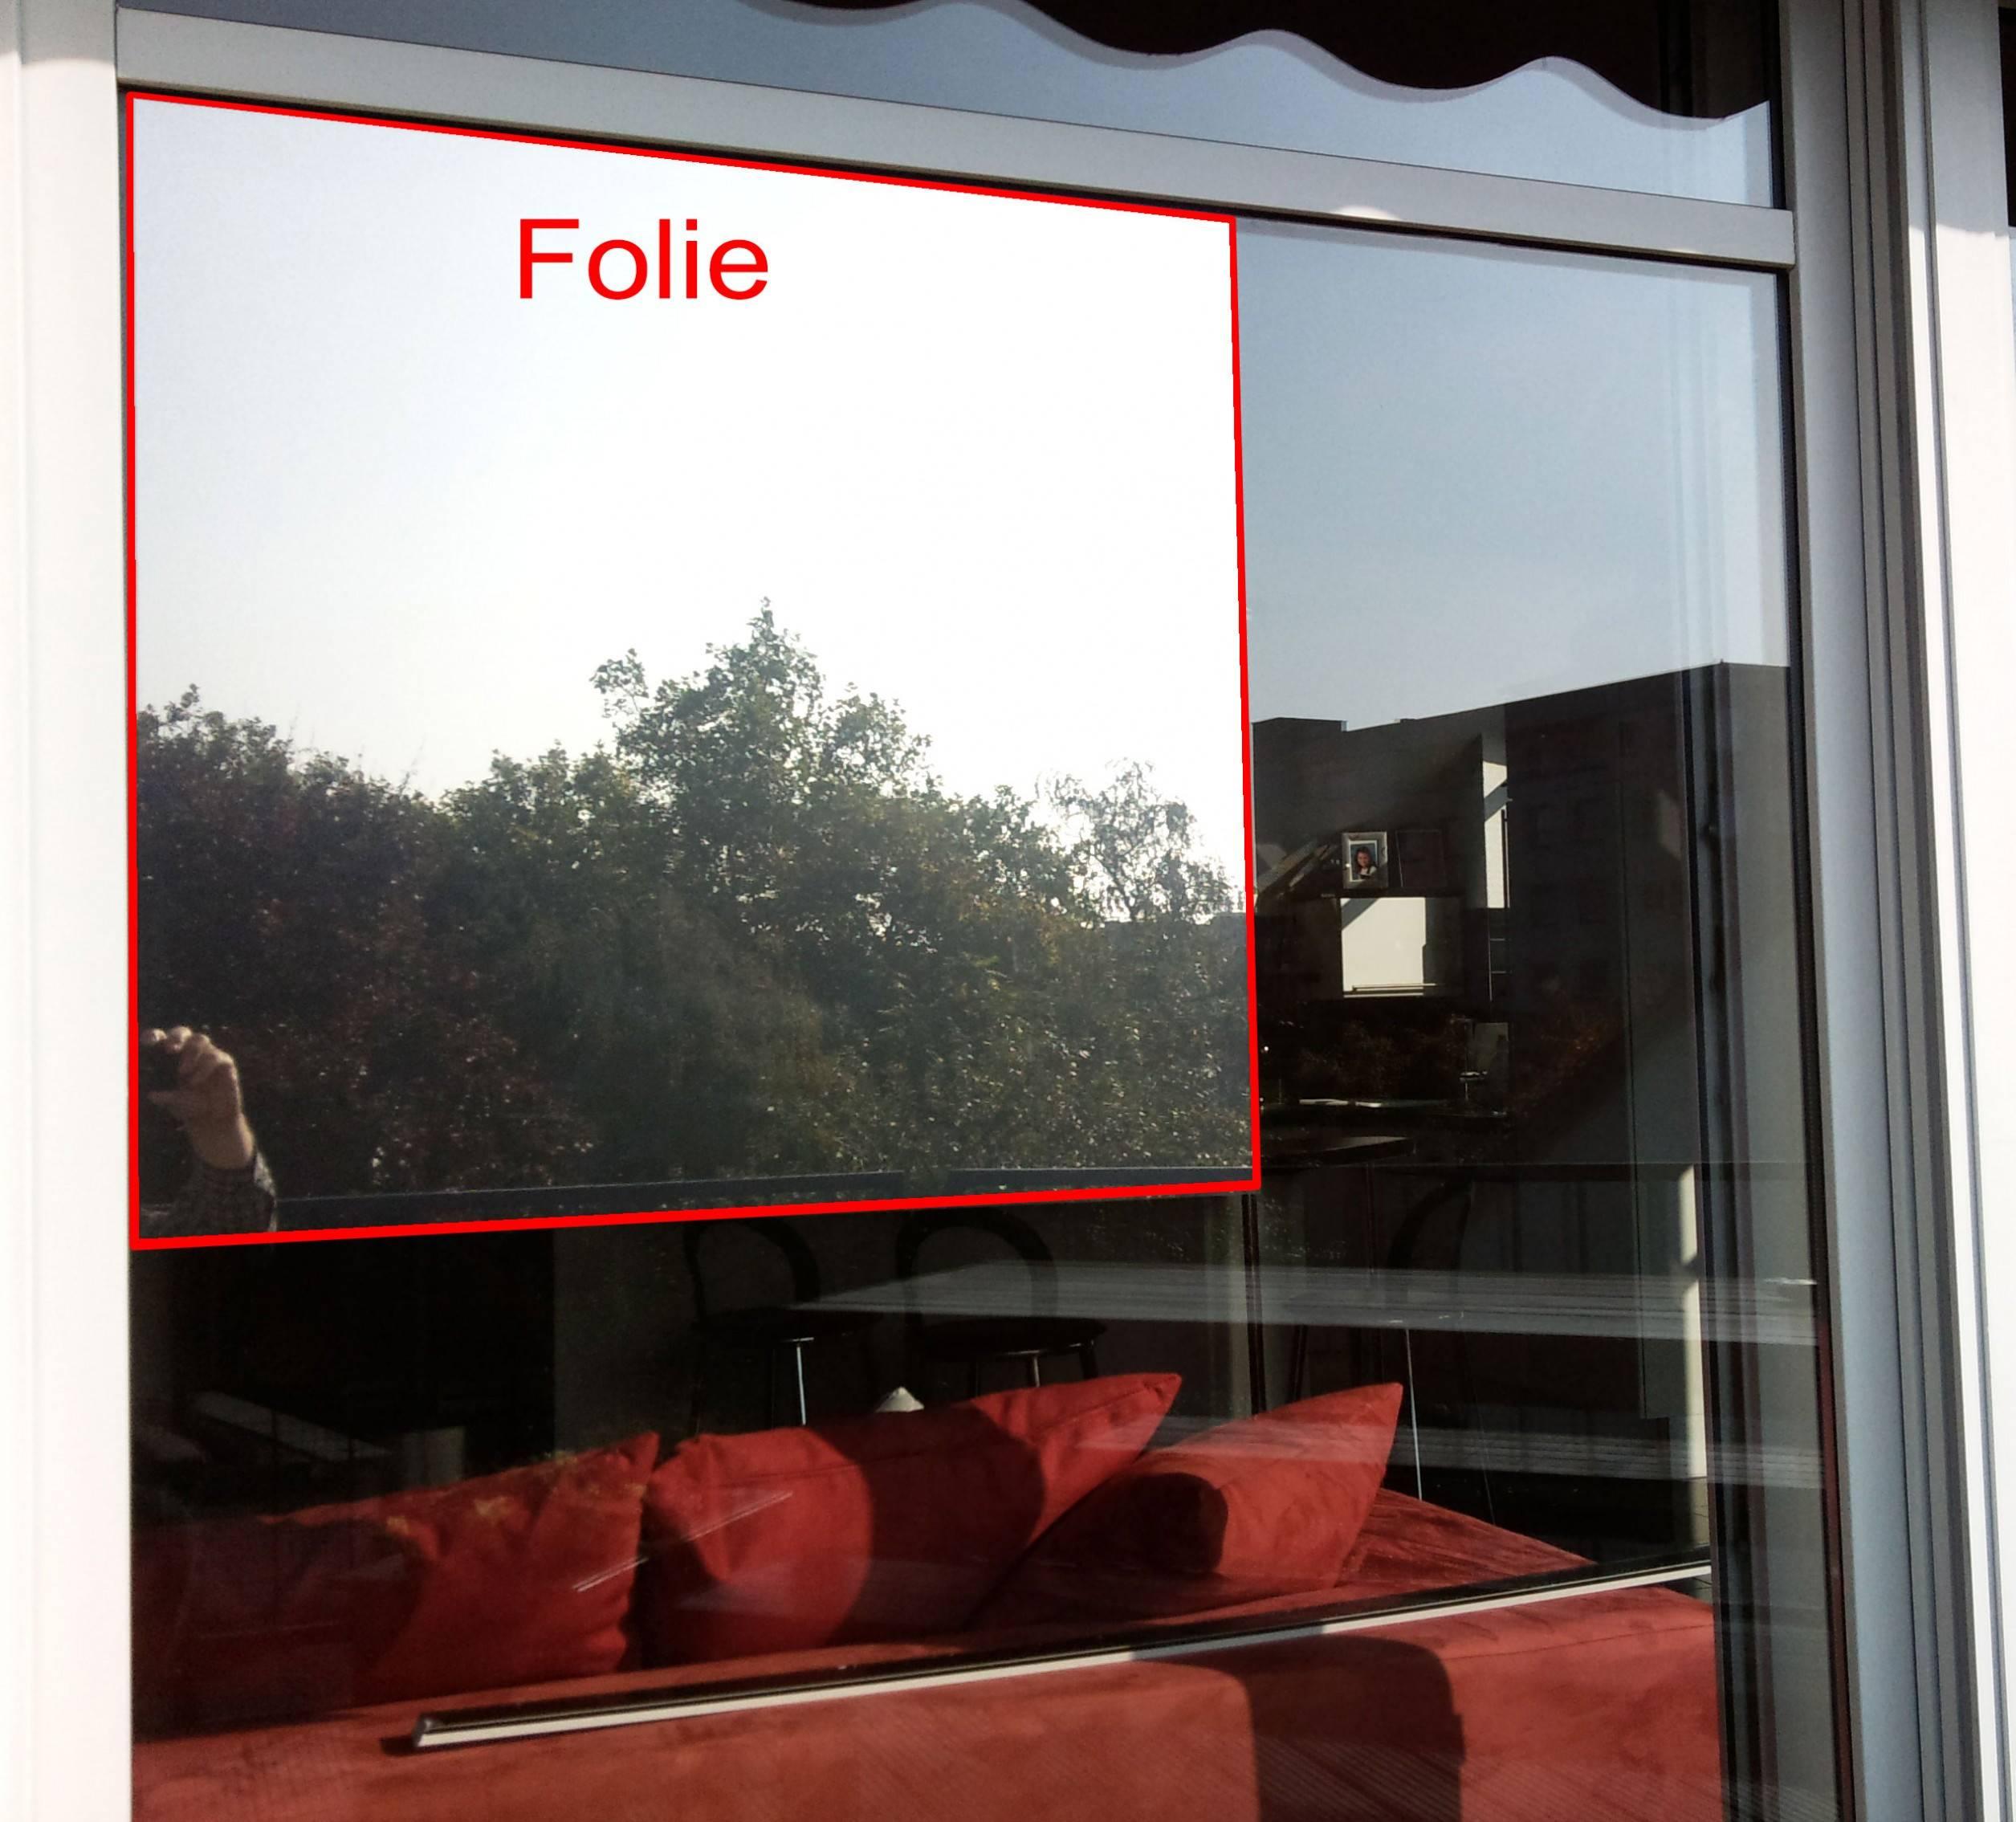 wohnzimmer ideen fenster luxus wohnzimmer fenster gardinen neu plissee wohnzimmer 0d design ideen of wohnzimmer ideen fenster 1